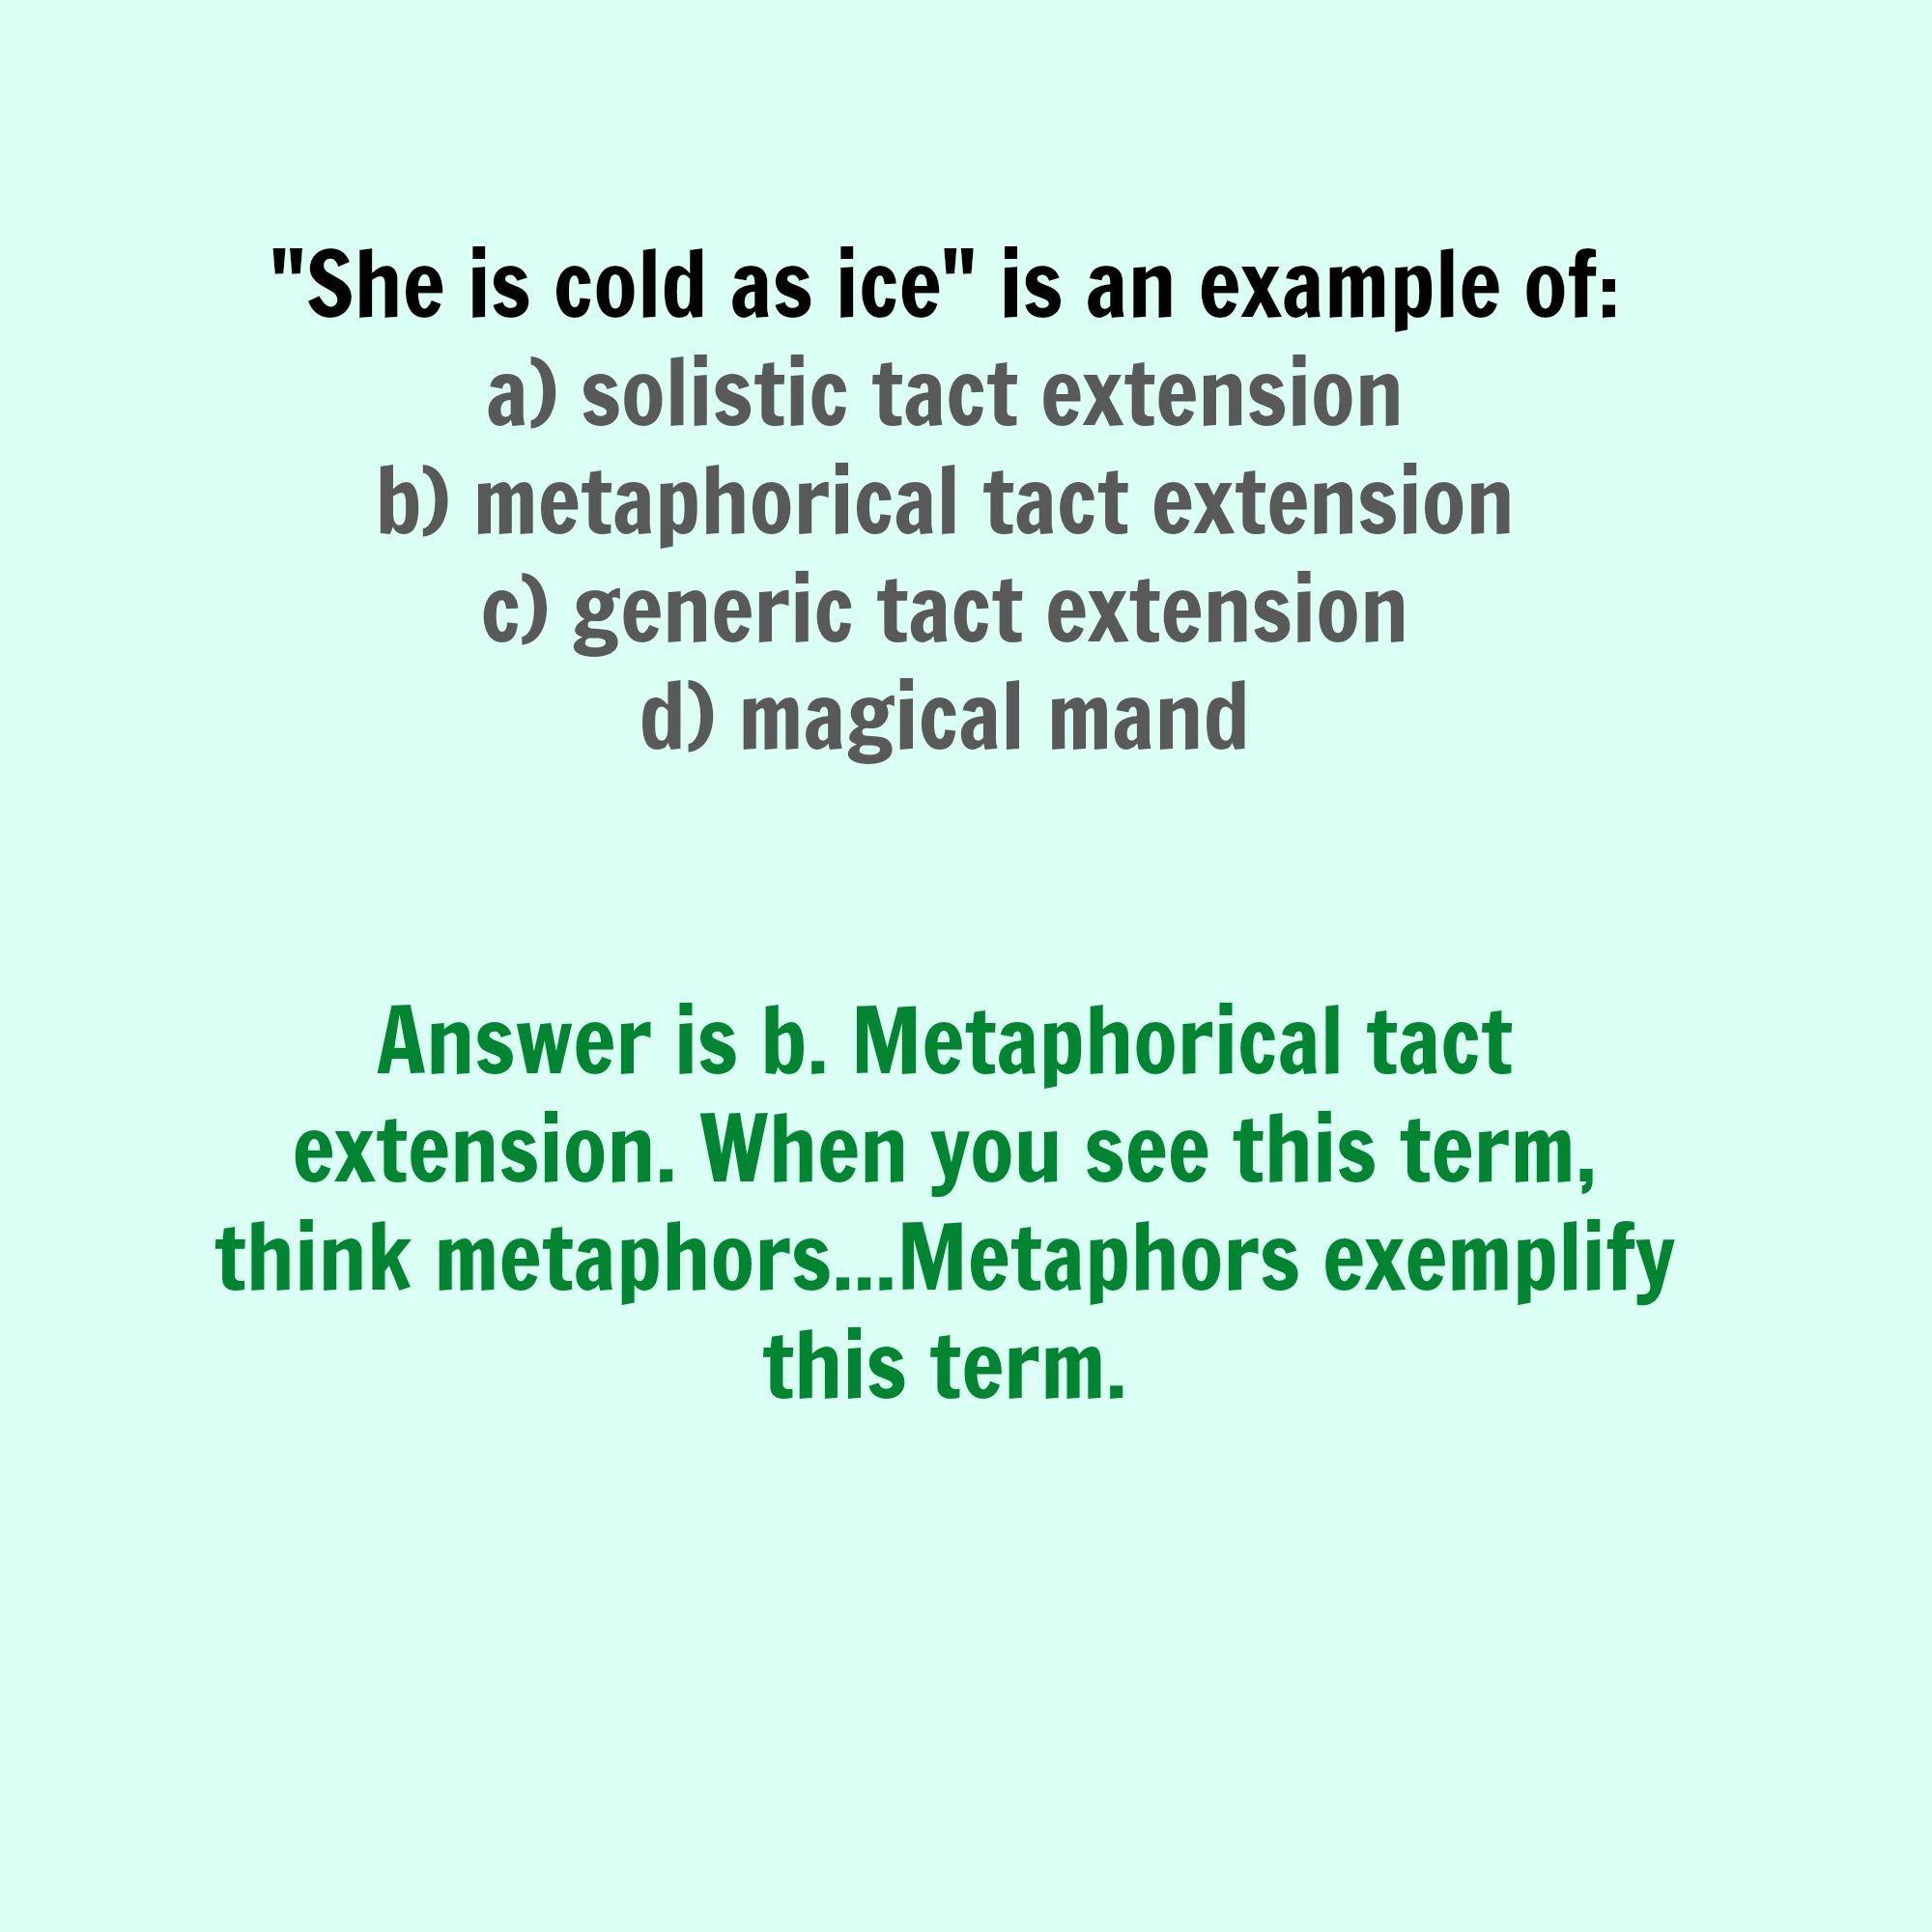 metaphorical tact extension